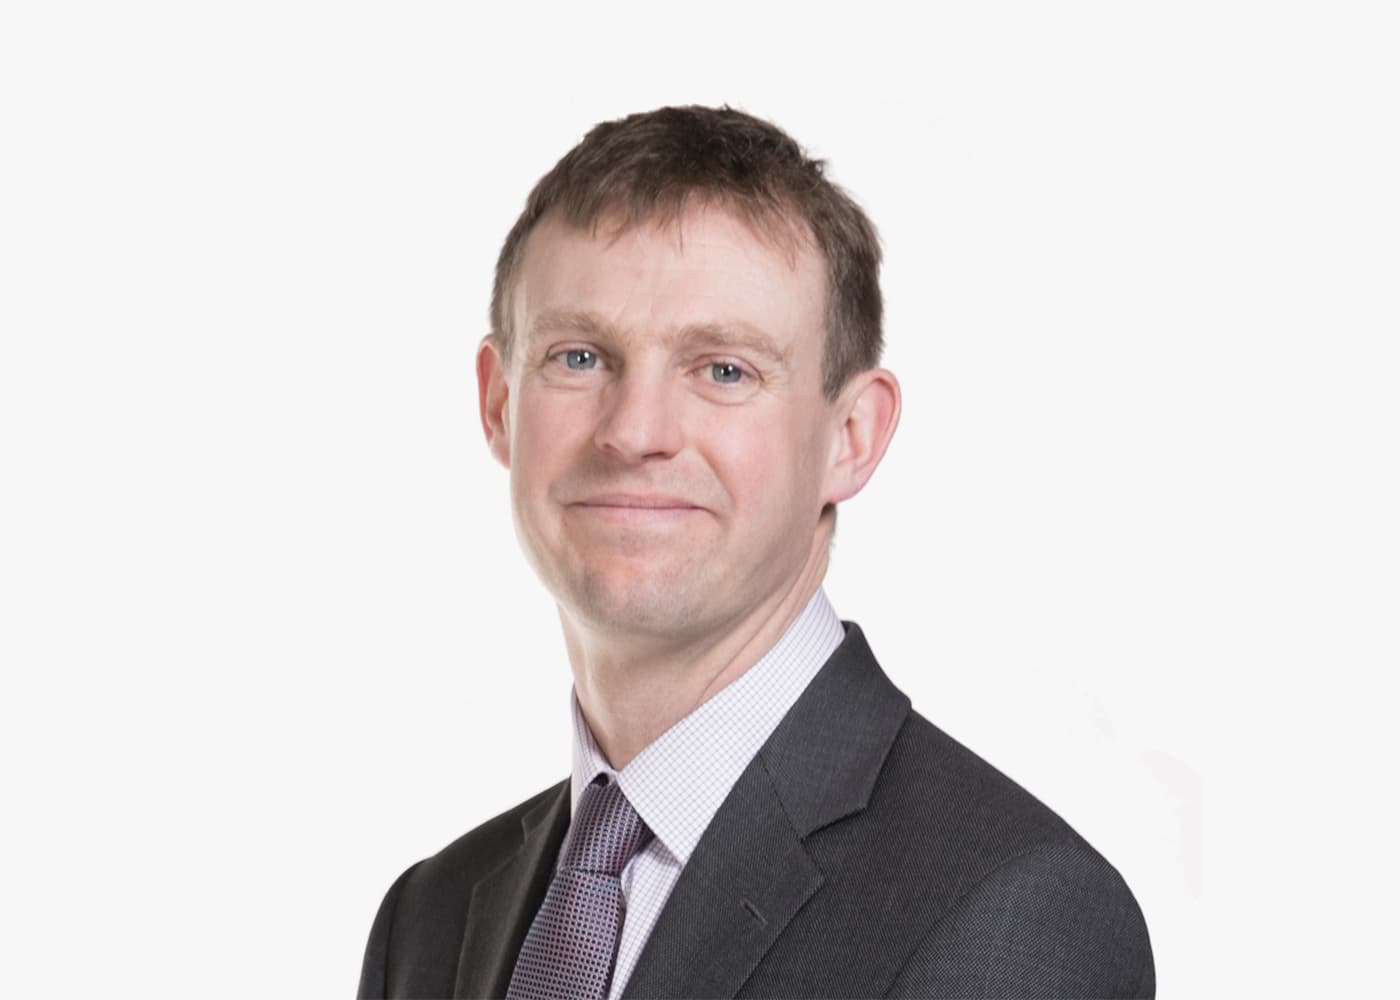 Steve Johns Image